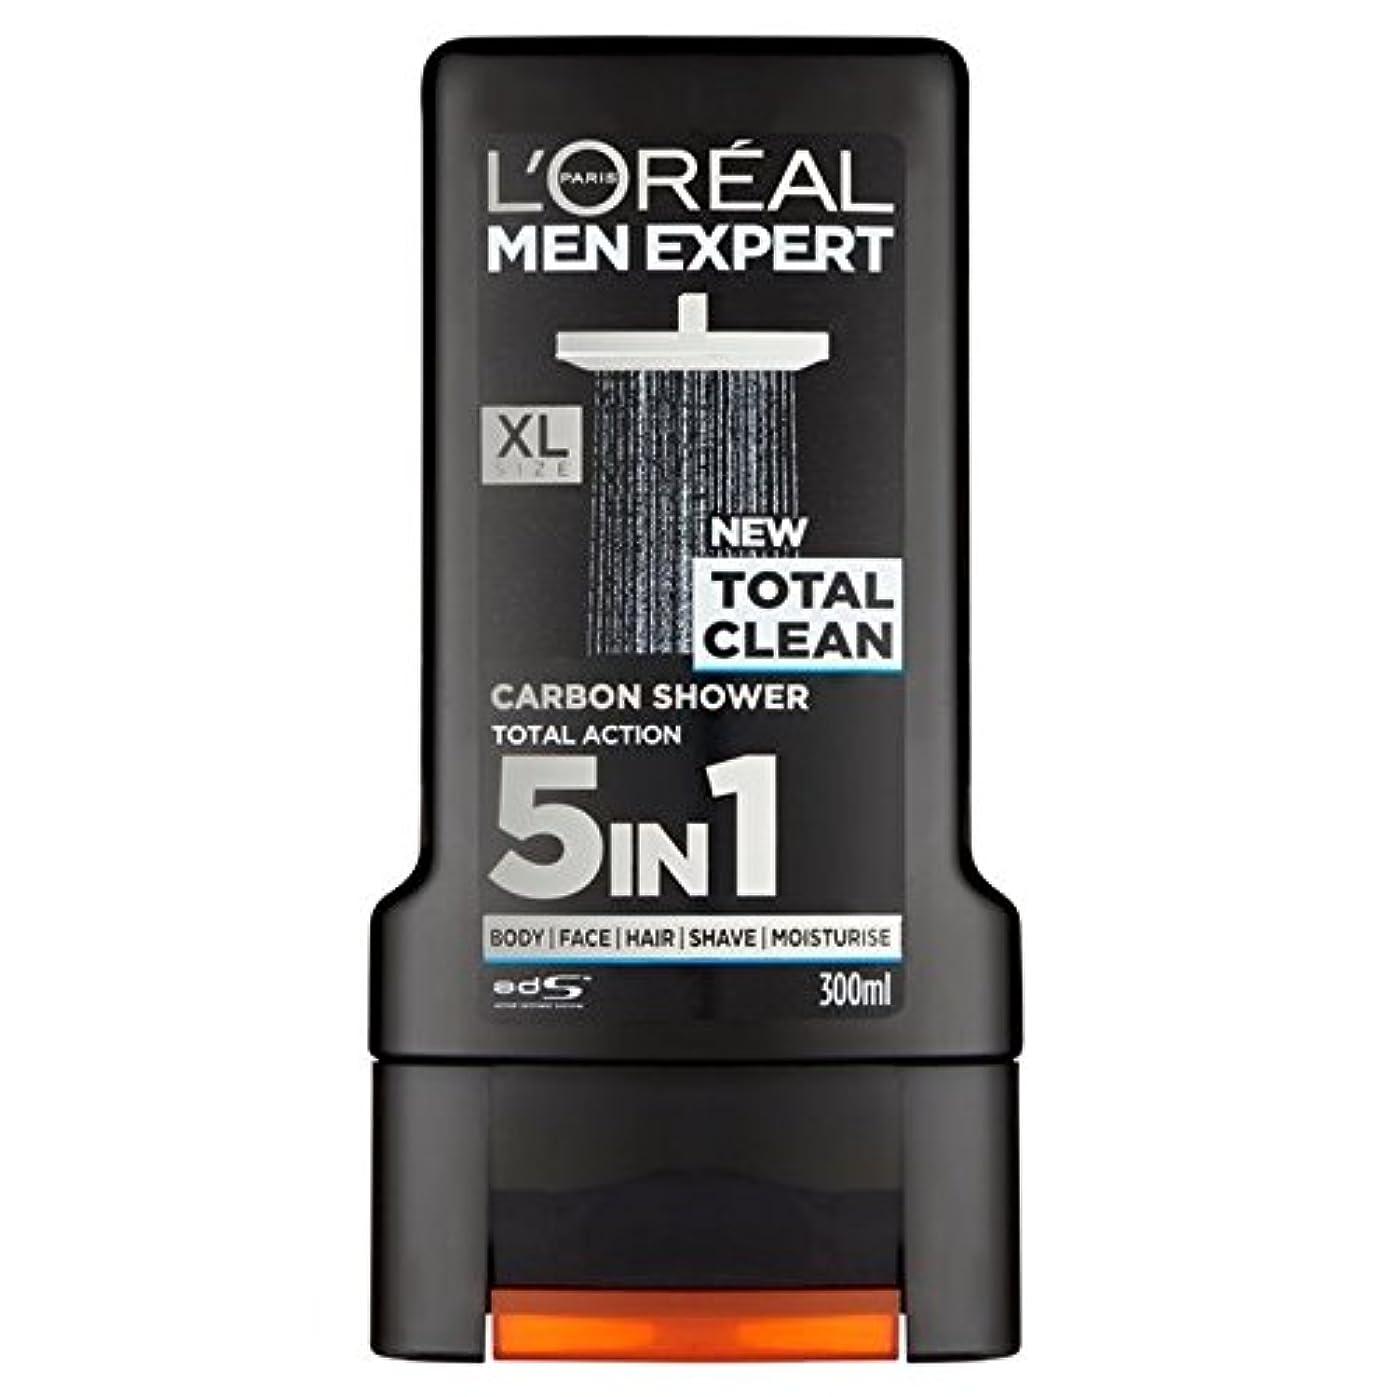 仲間、同僚置き場適用済みロレアルパリのメンズ専門トータルクリーンシャワージェル300ミリリットル x4 - L'Oreal Paris Men Expert Total Clean Shower Gel 300ml (Pack of 4) [並行輸入品]